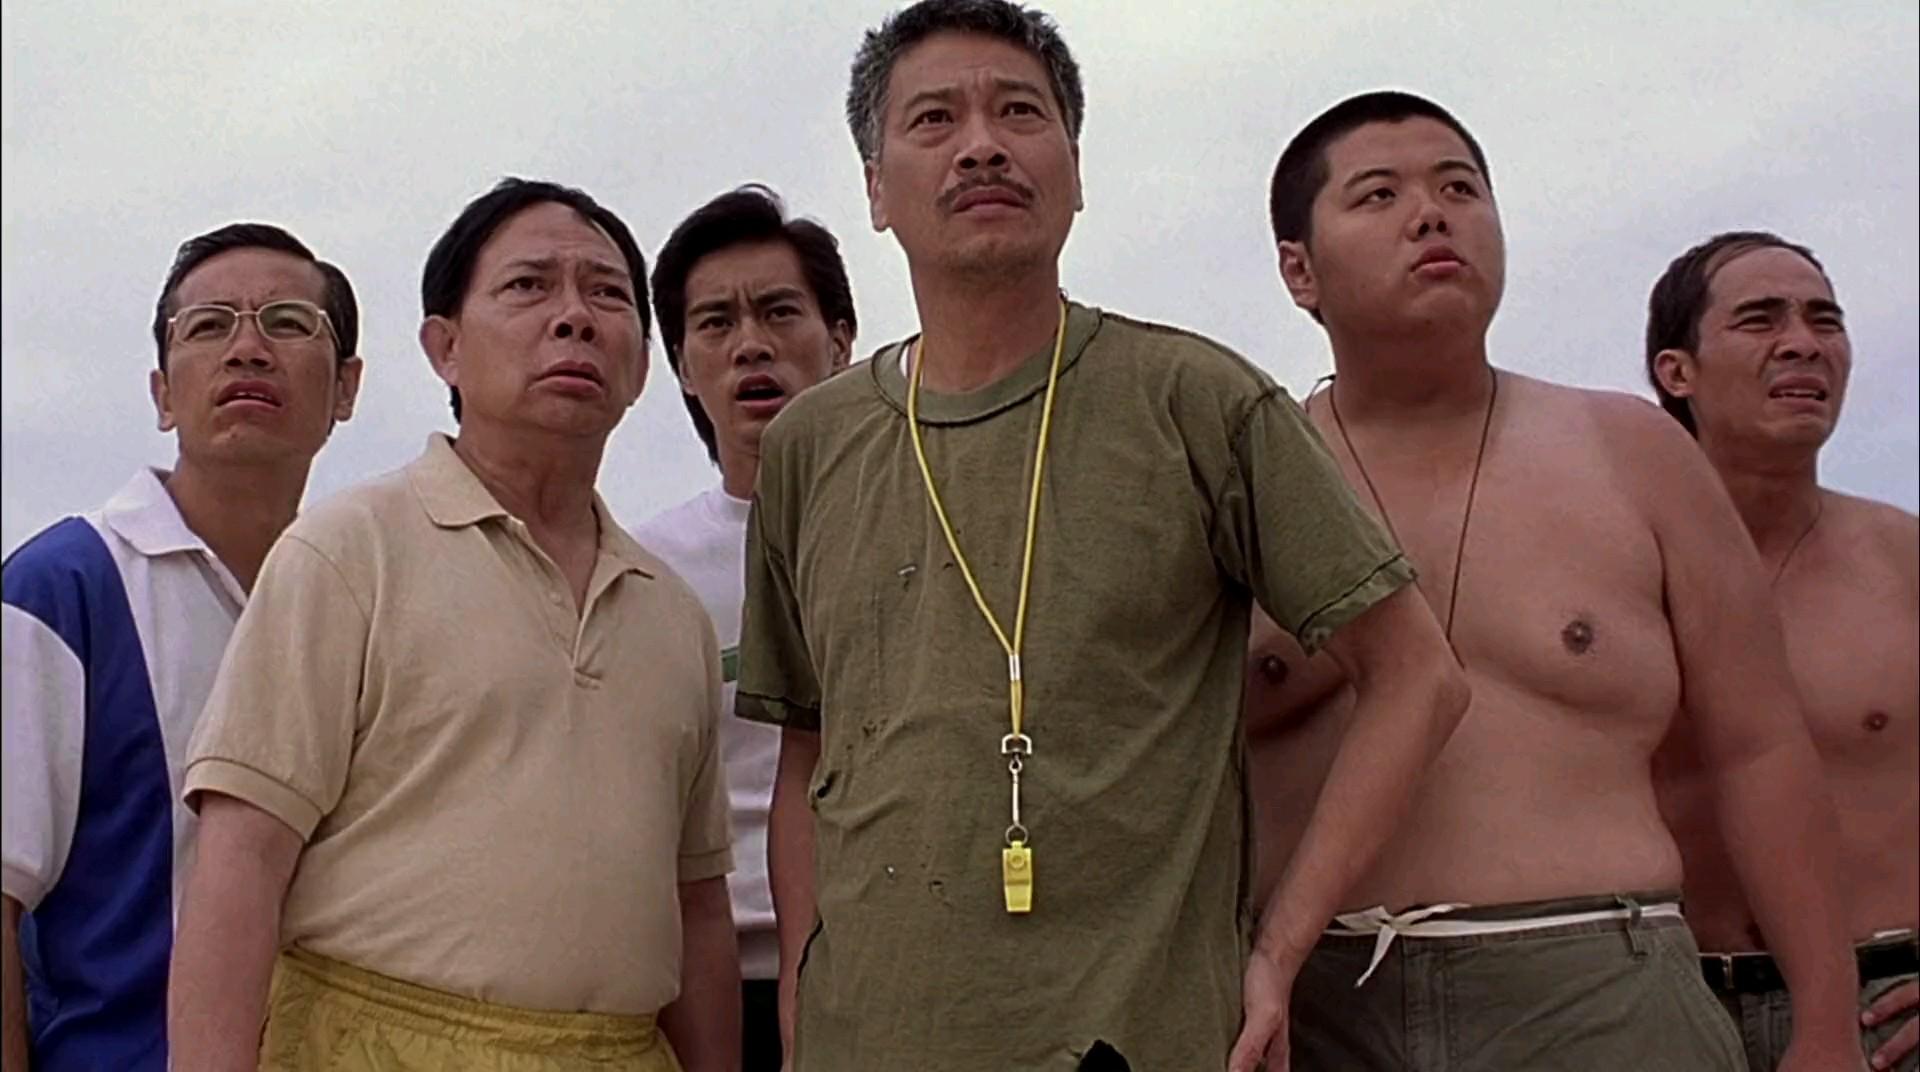 Shaolin Futbolu   Shaolin Soccer   2001   BDRip   XviD   Türkçe Dublaj   m720p - m1080p   BluRay   Dual   TR-EN   Tek Link